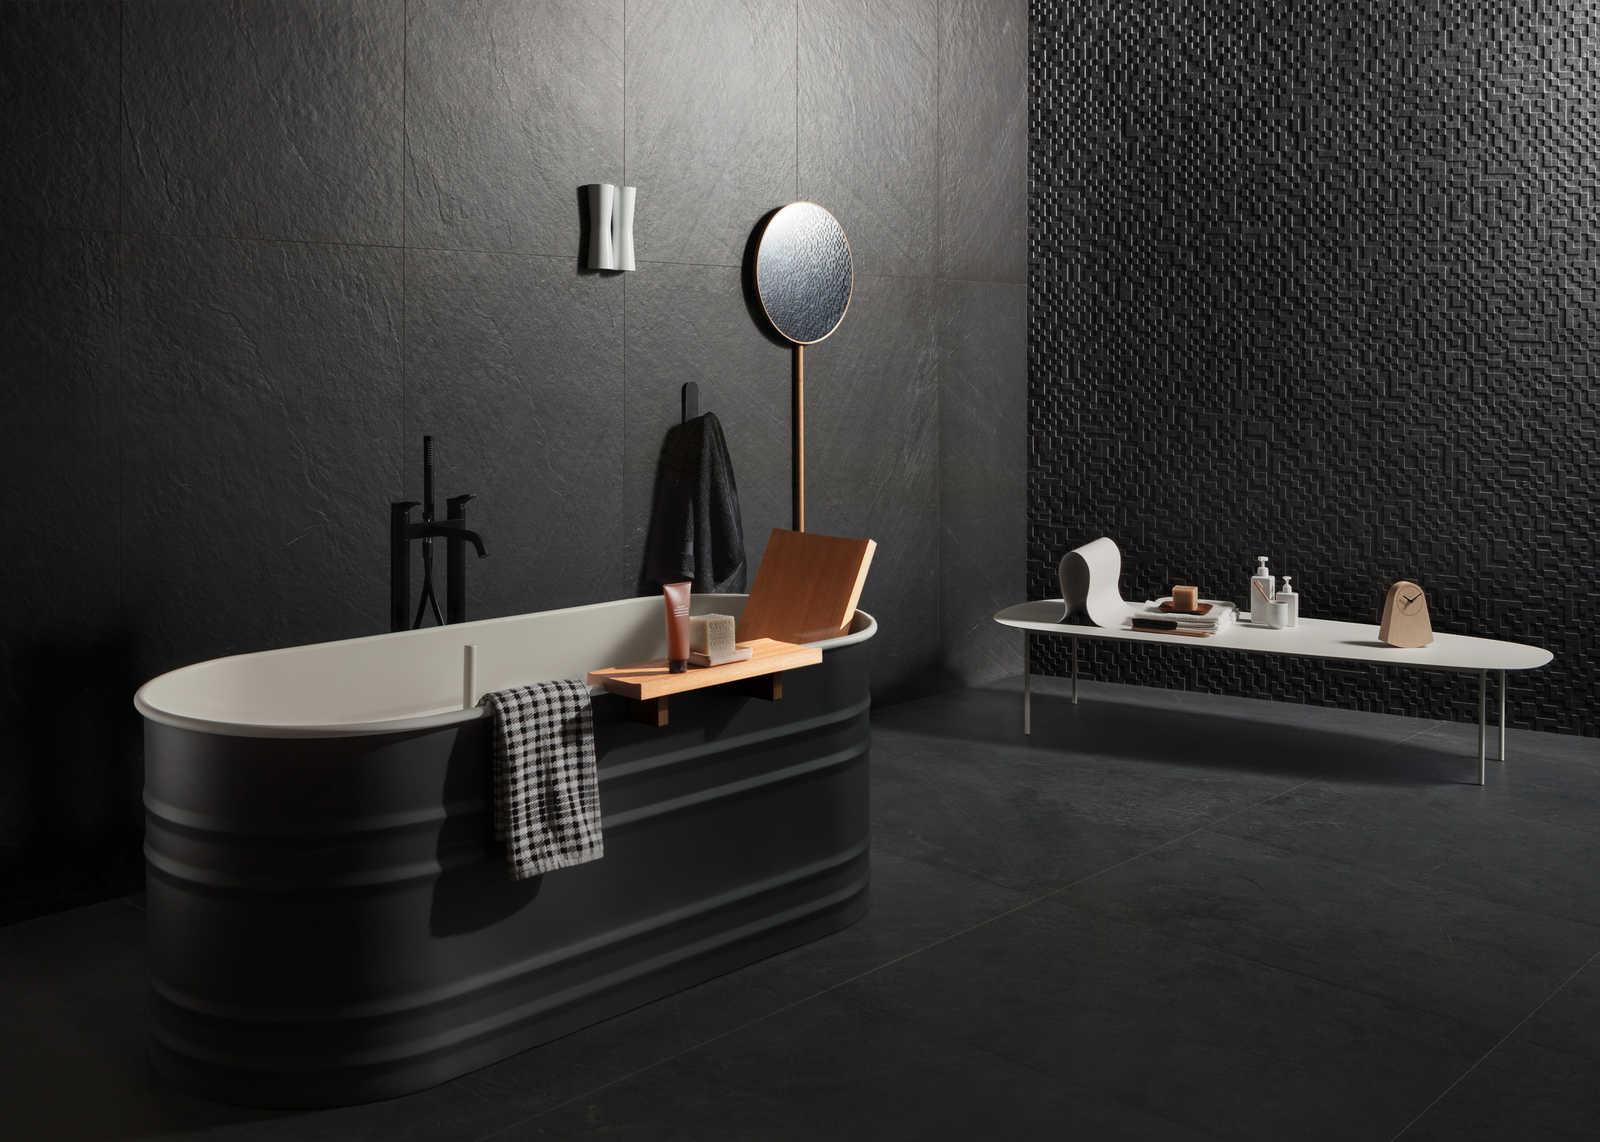 Piastrelle cucina nere mattonelle per bagno moderno great